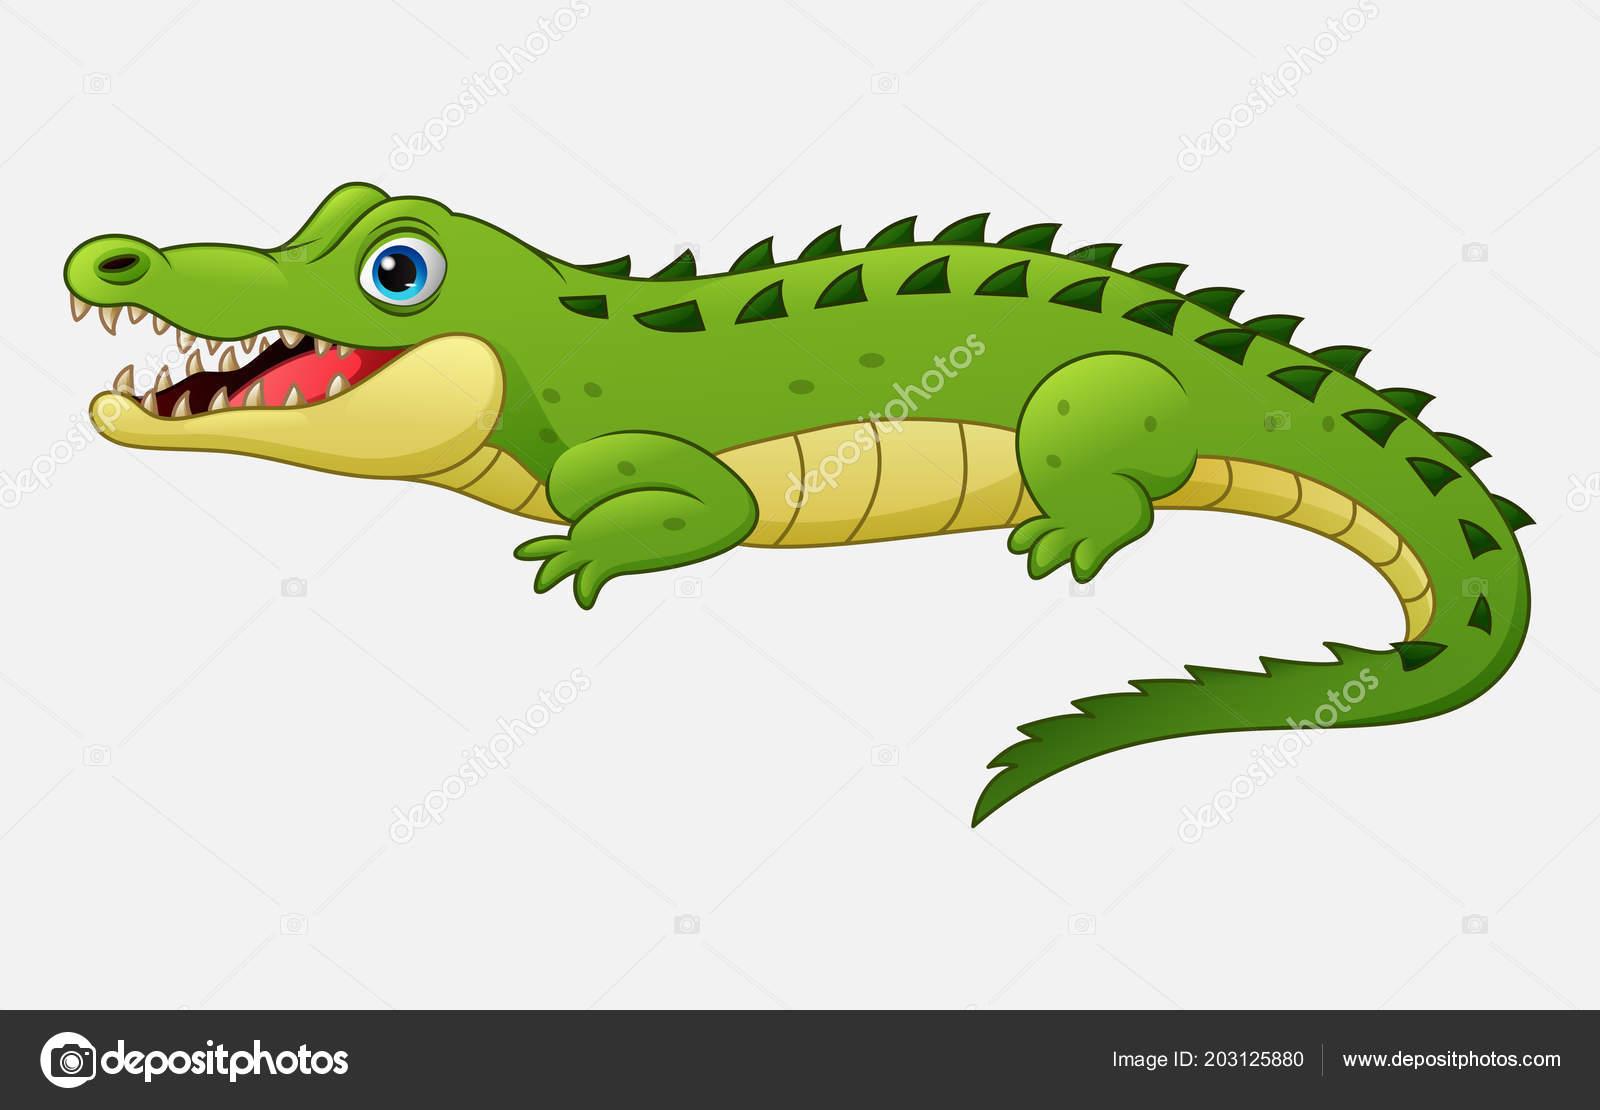 Crocodile dessin anim isol sur fond blanc image vectorielle dreamcreation01 203125880 - Dessin anime crocodile ...